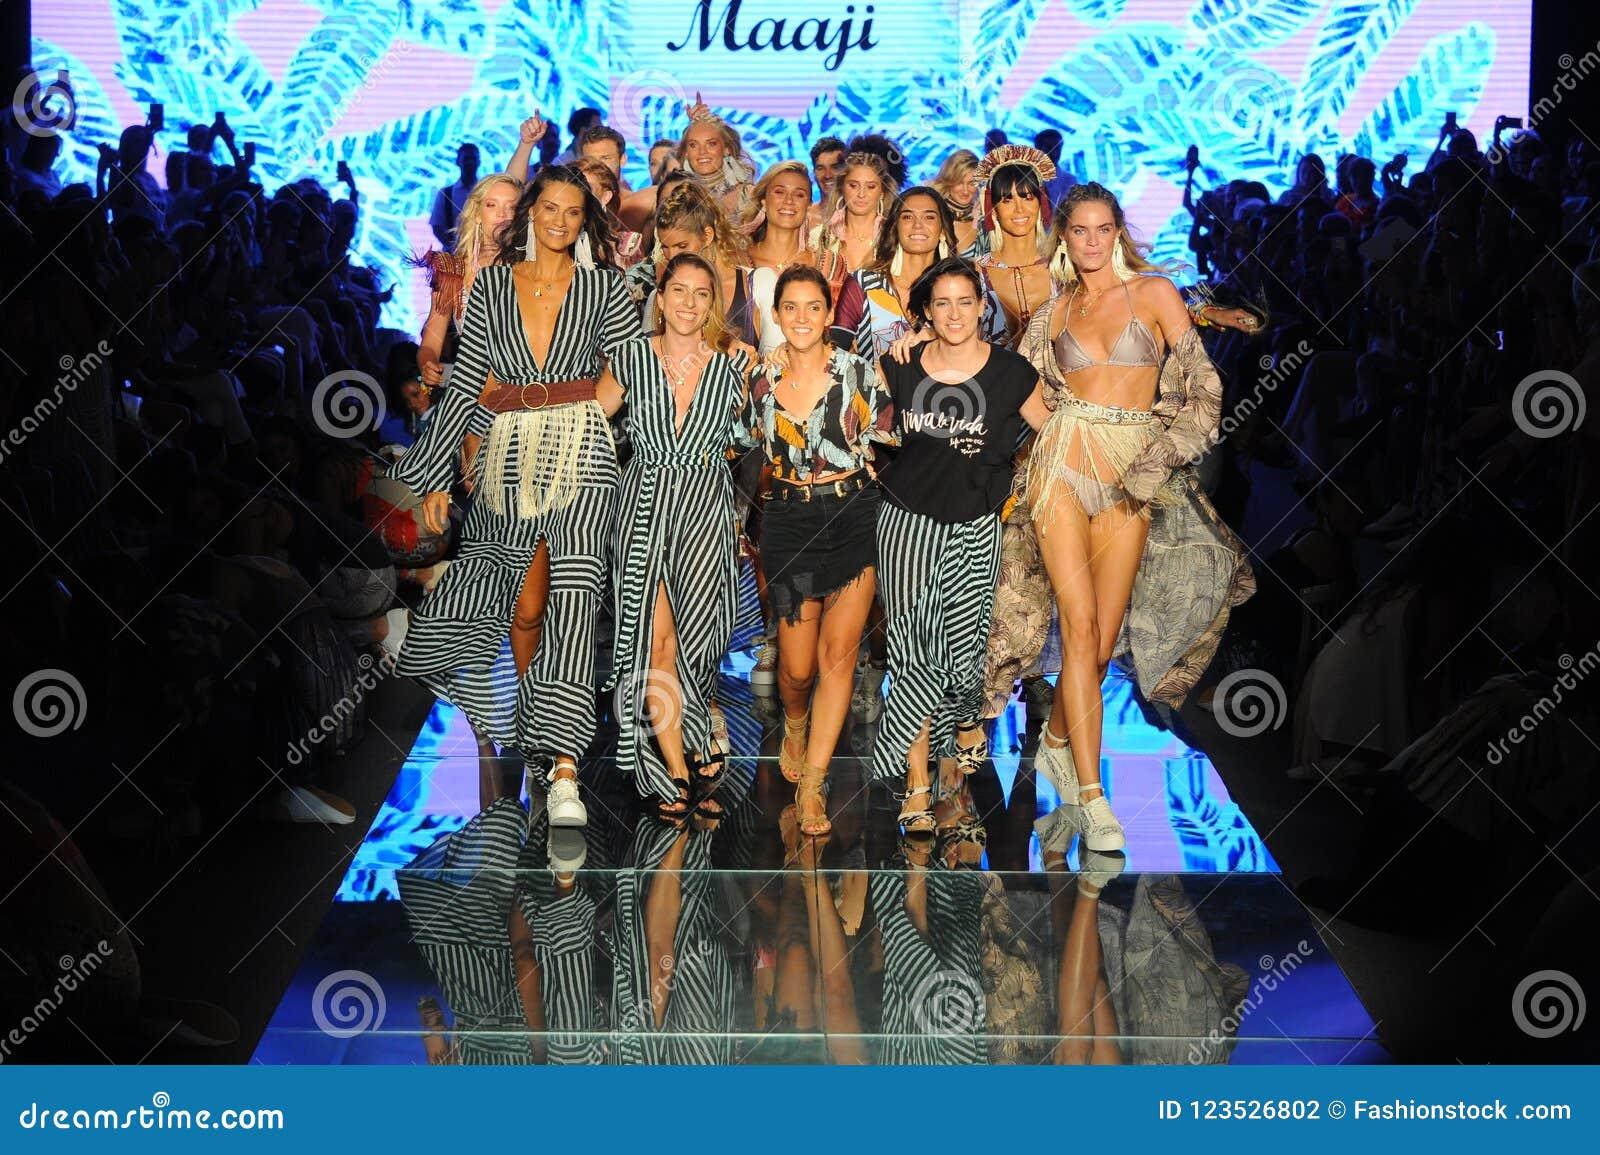 Σχεδιαστές Juliana Londono, Andrea Gomez, και Nani Valenzuela ο διάδρομος για Maaji